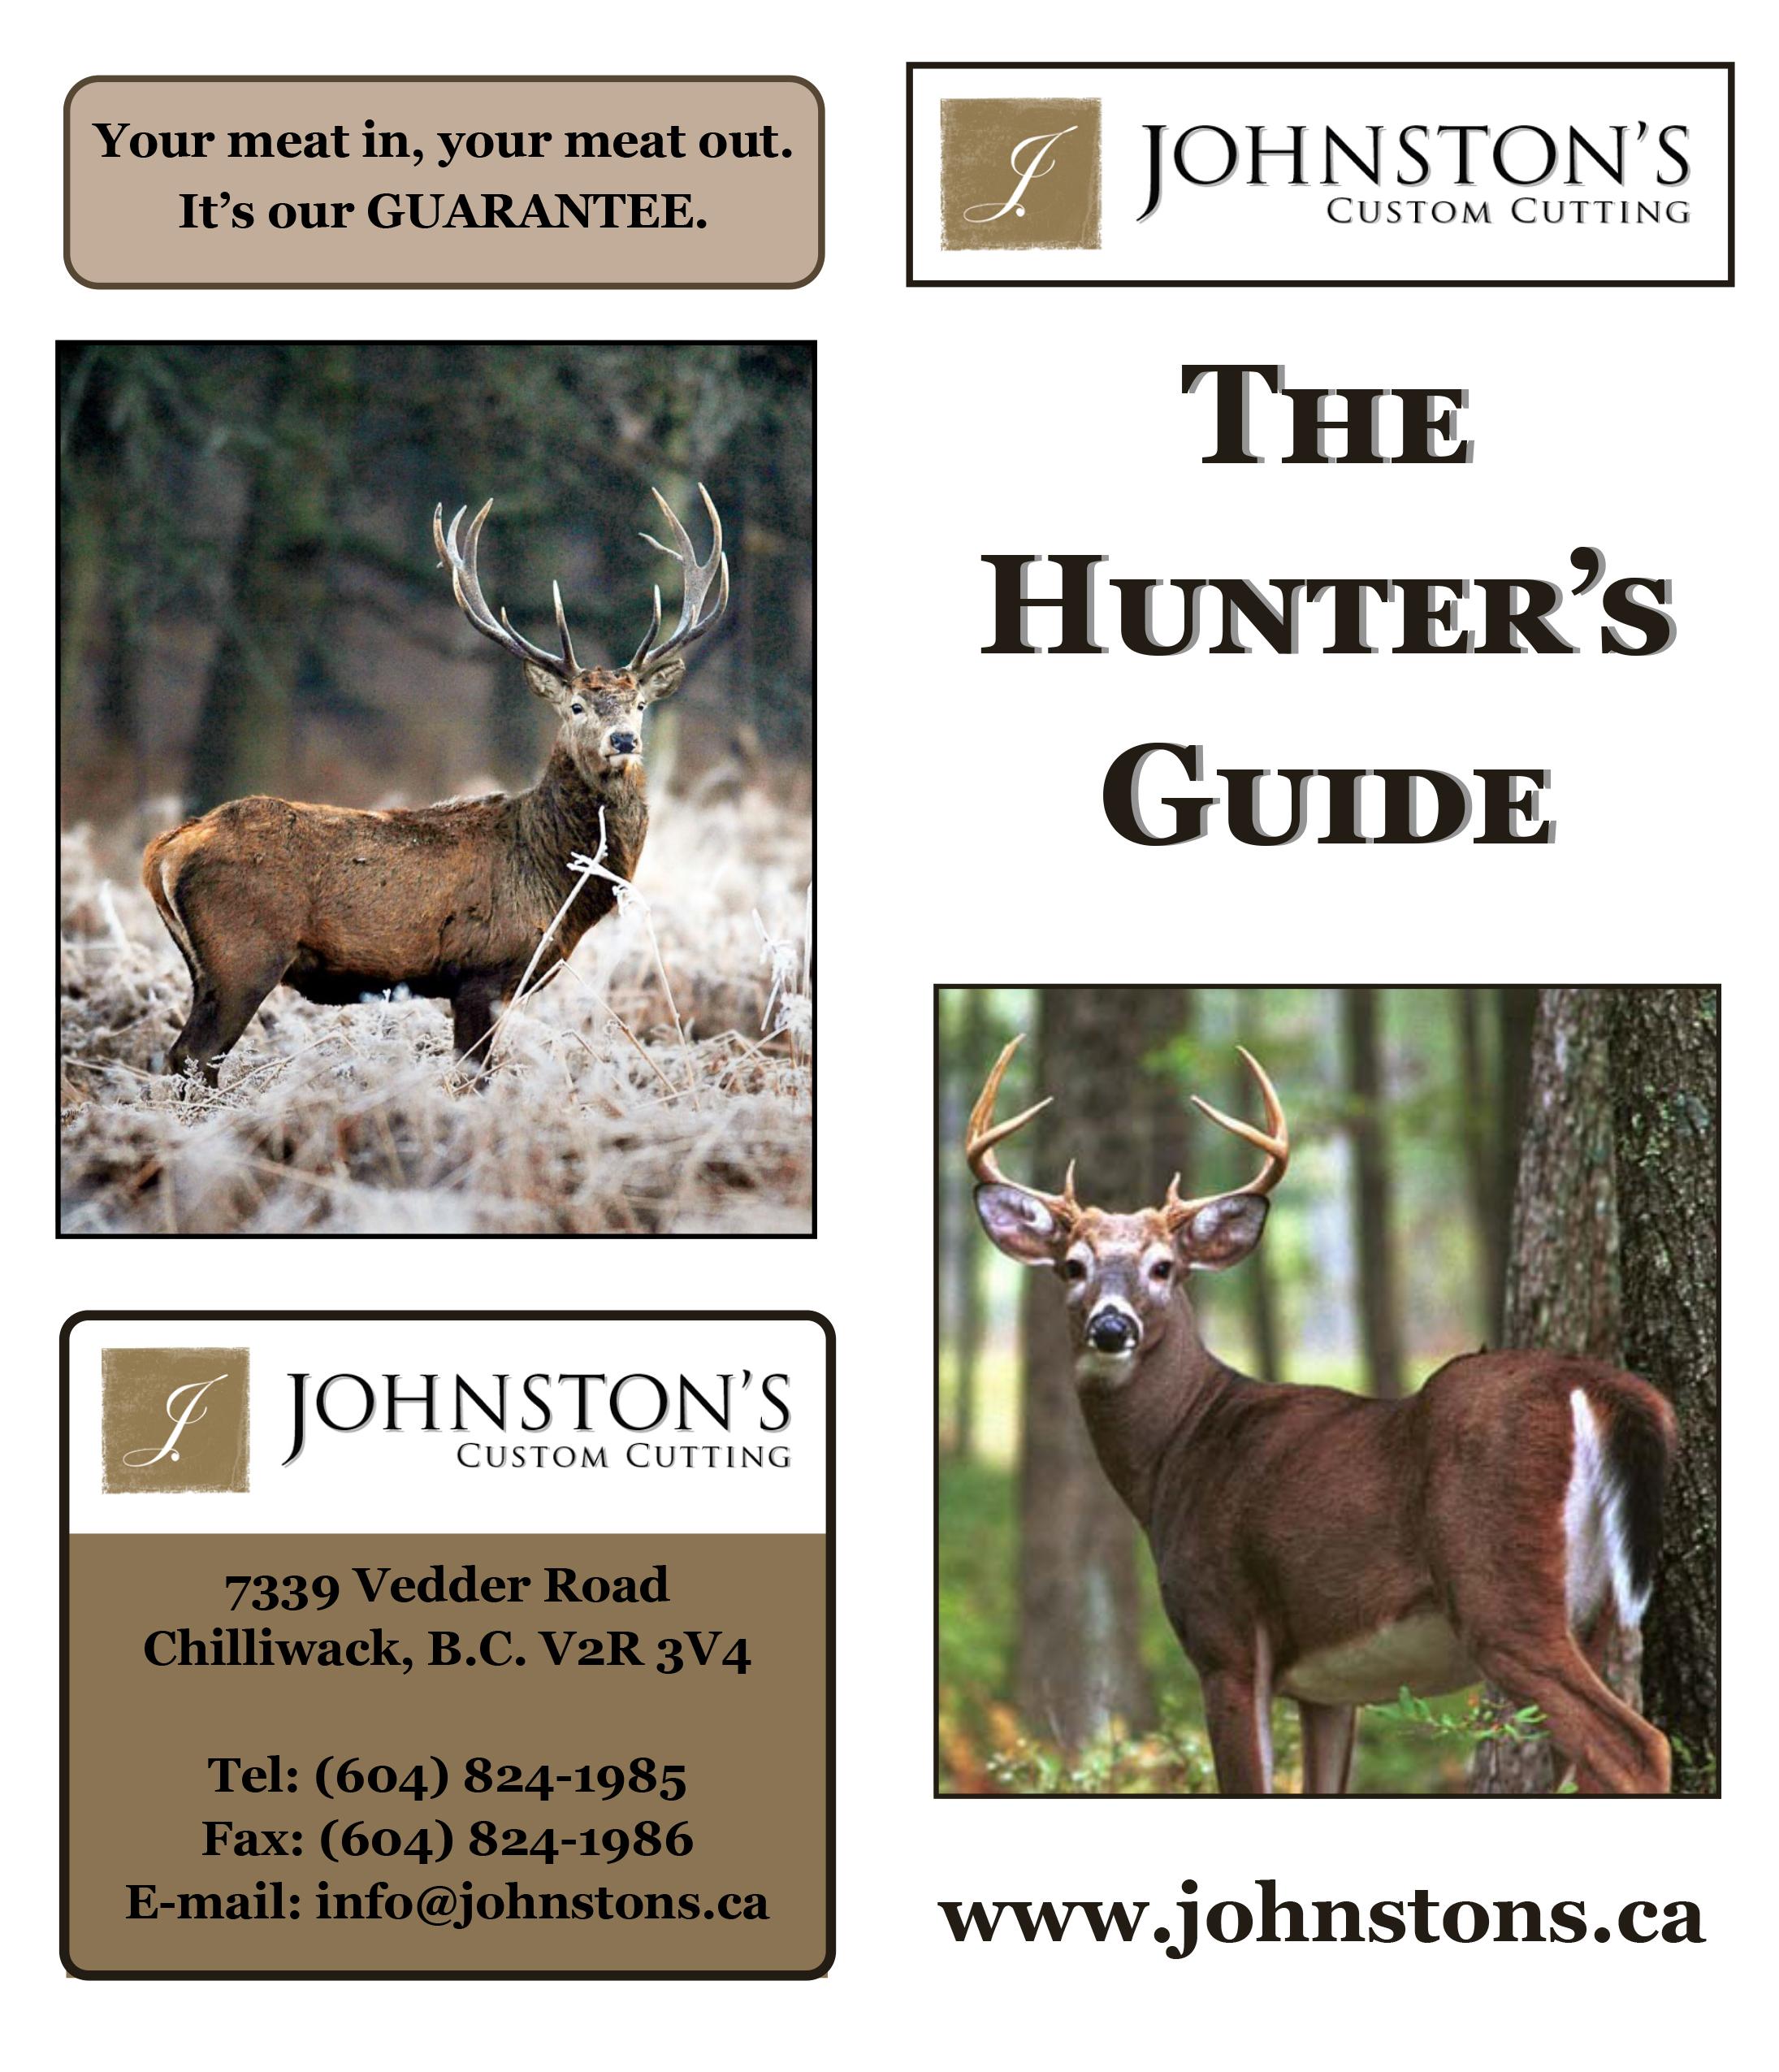 hunters-guide-rv-3-2